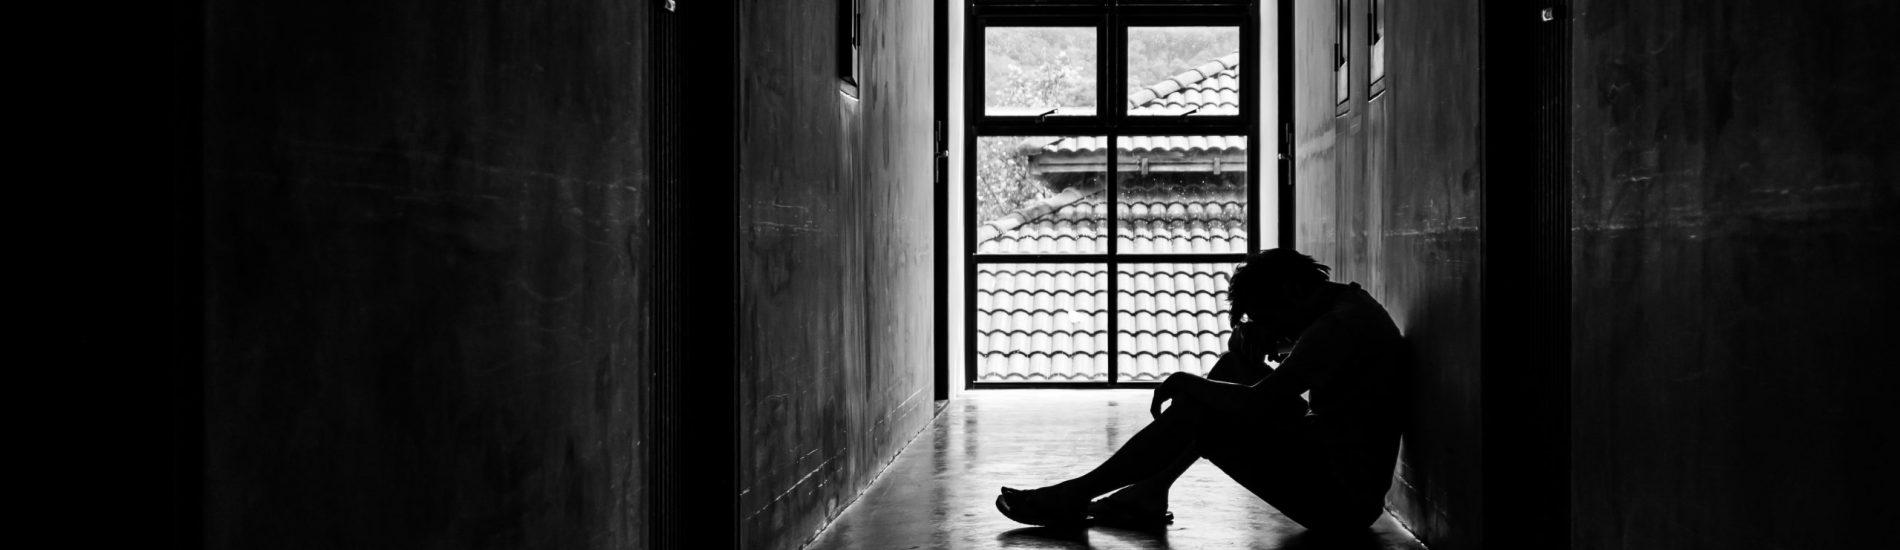 Nasze dzieci dopadła epidemia samotności. A my nie zawsze o tym wiemy – rozmowa z psychiatrą Martą Niedźwiecką.